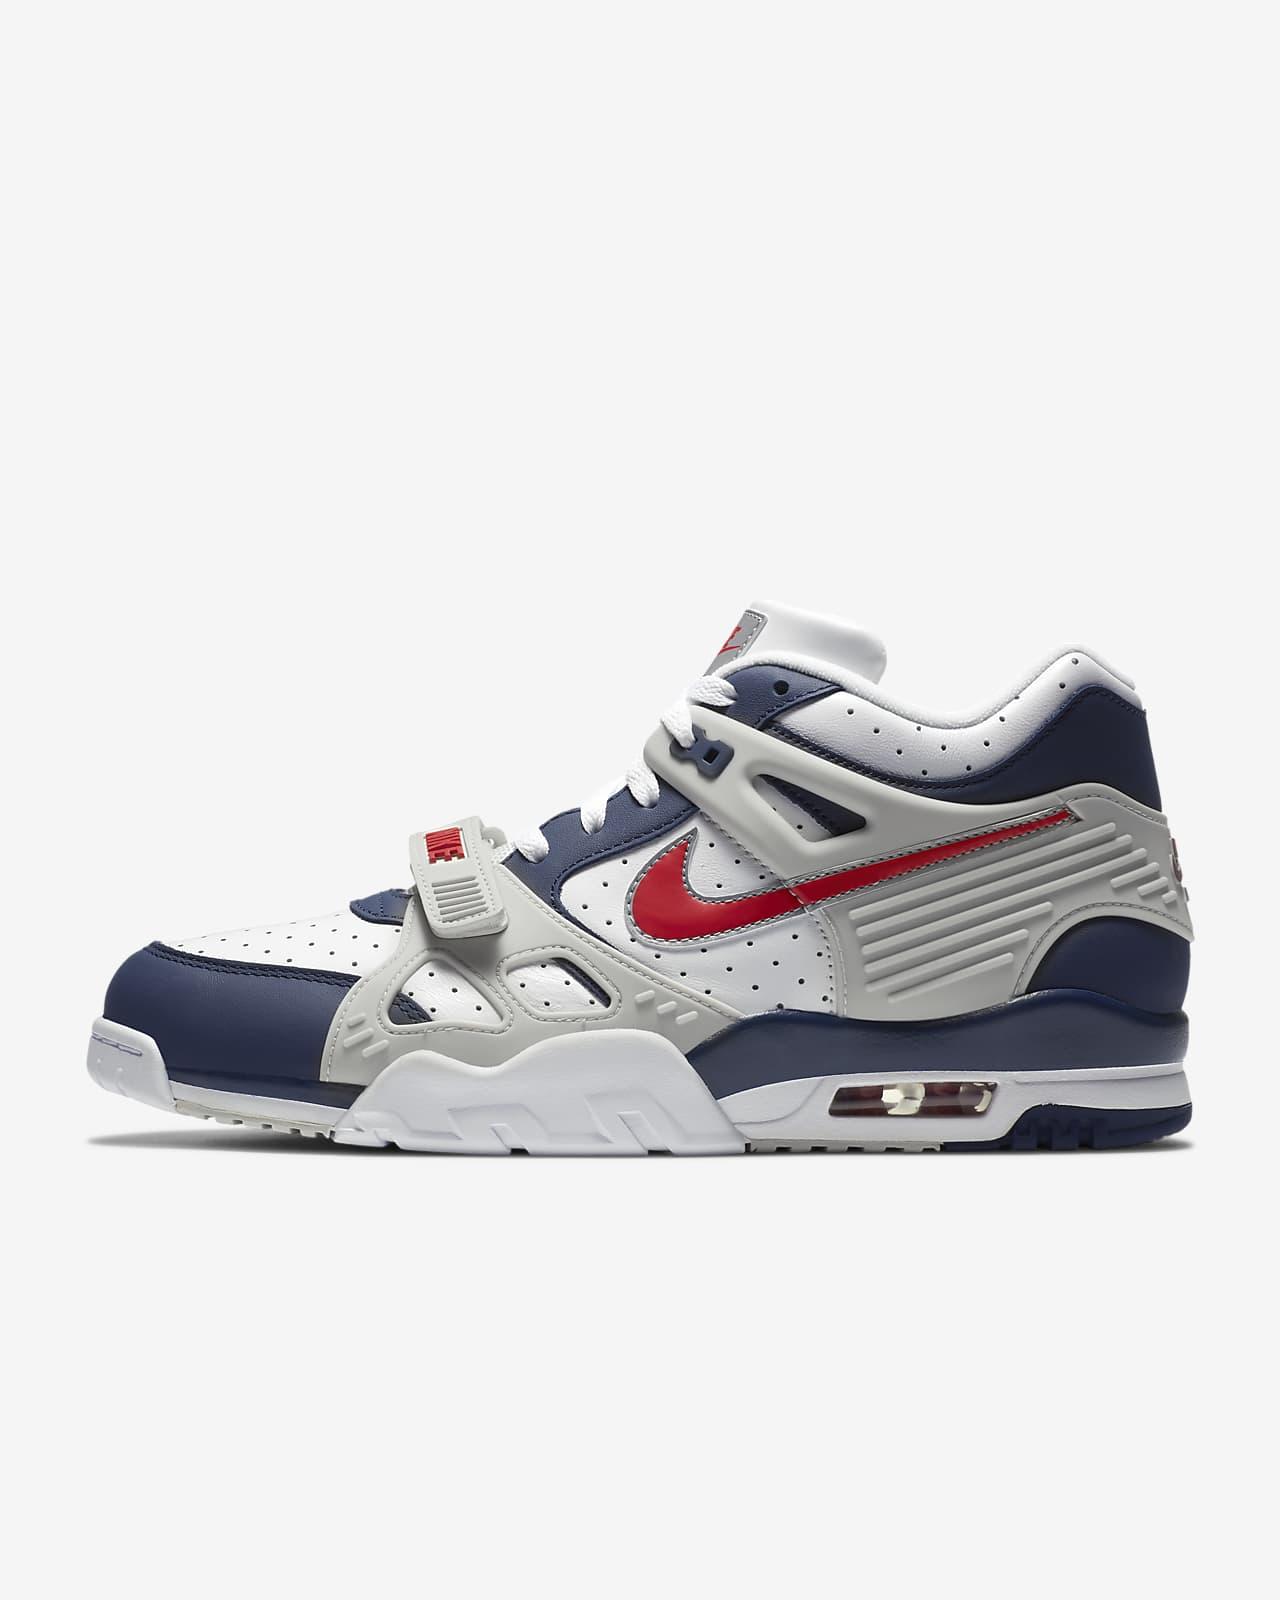 Nike Air Trainer 3 Schuh